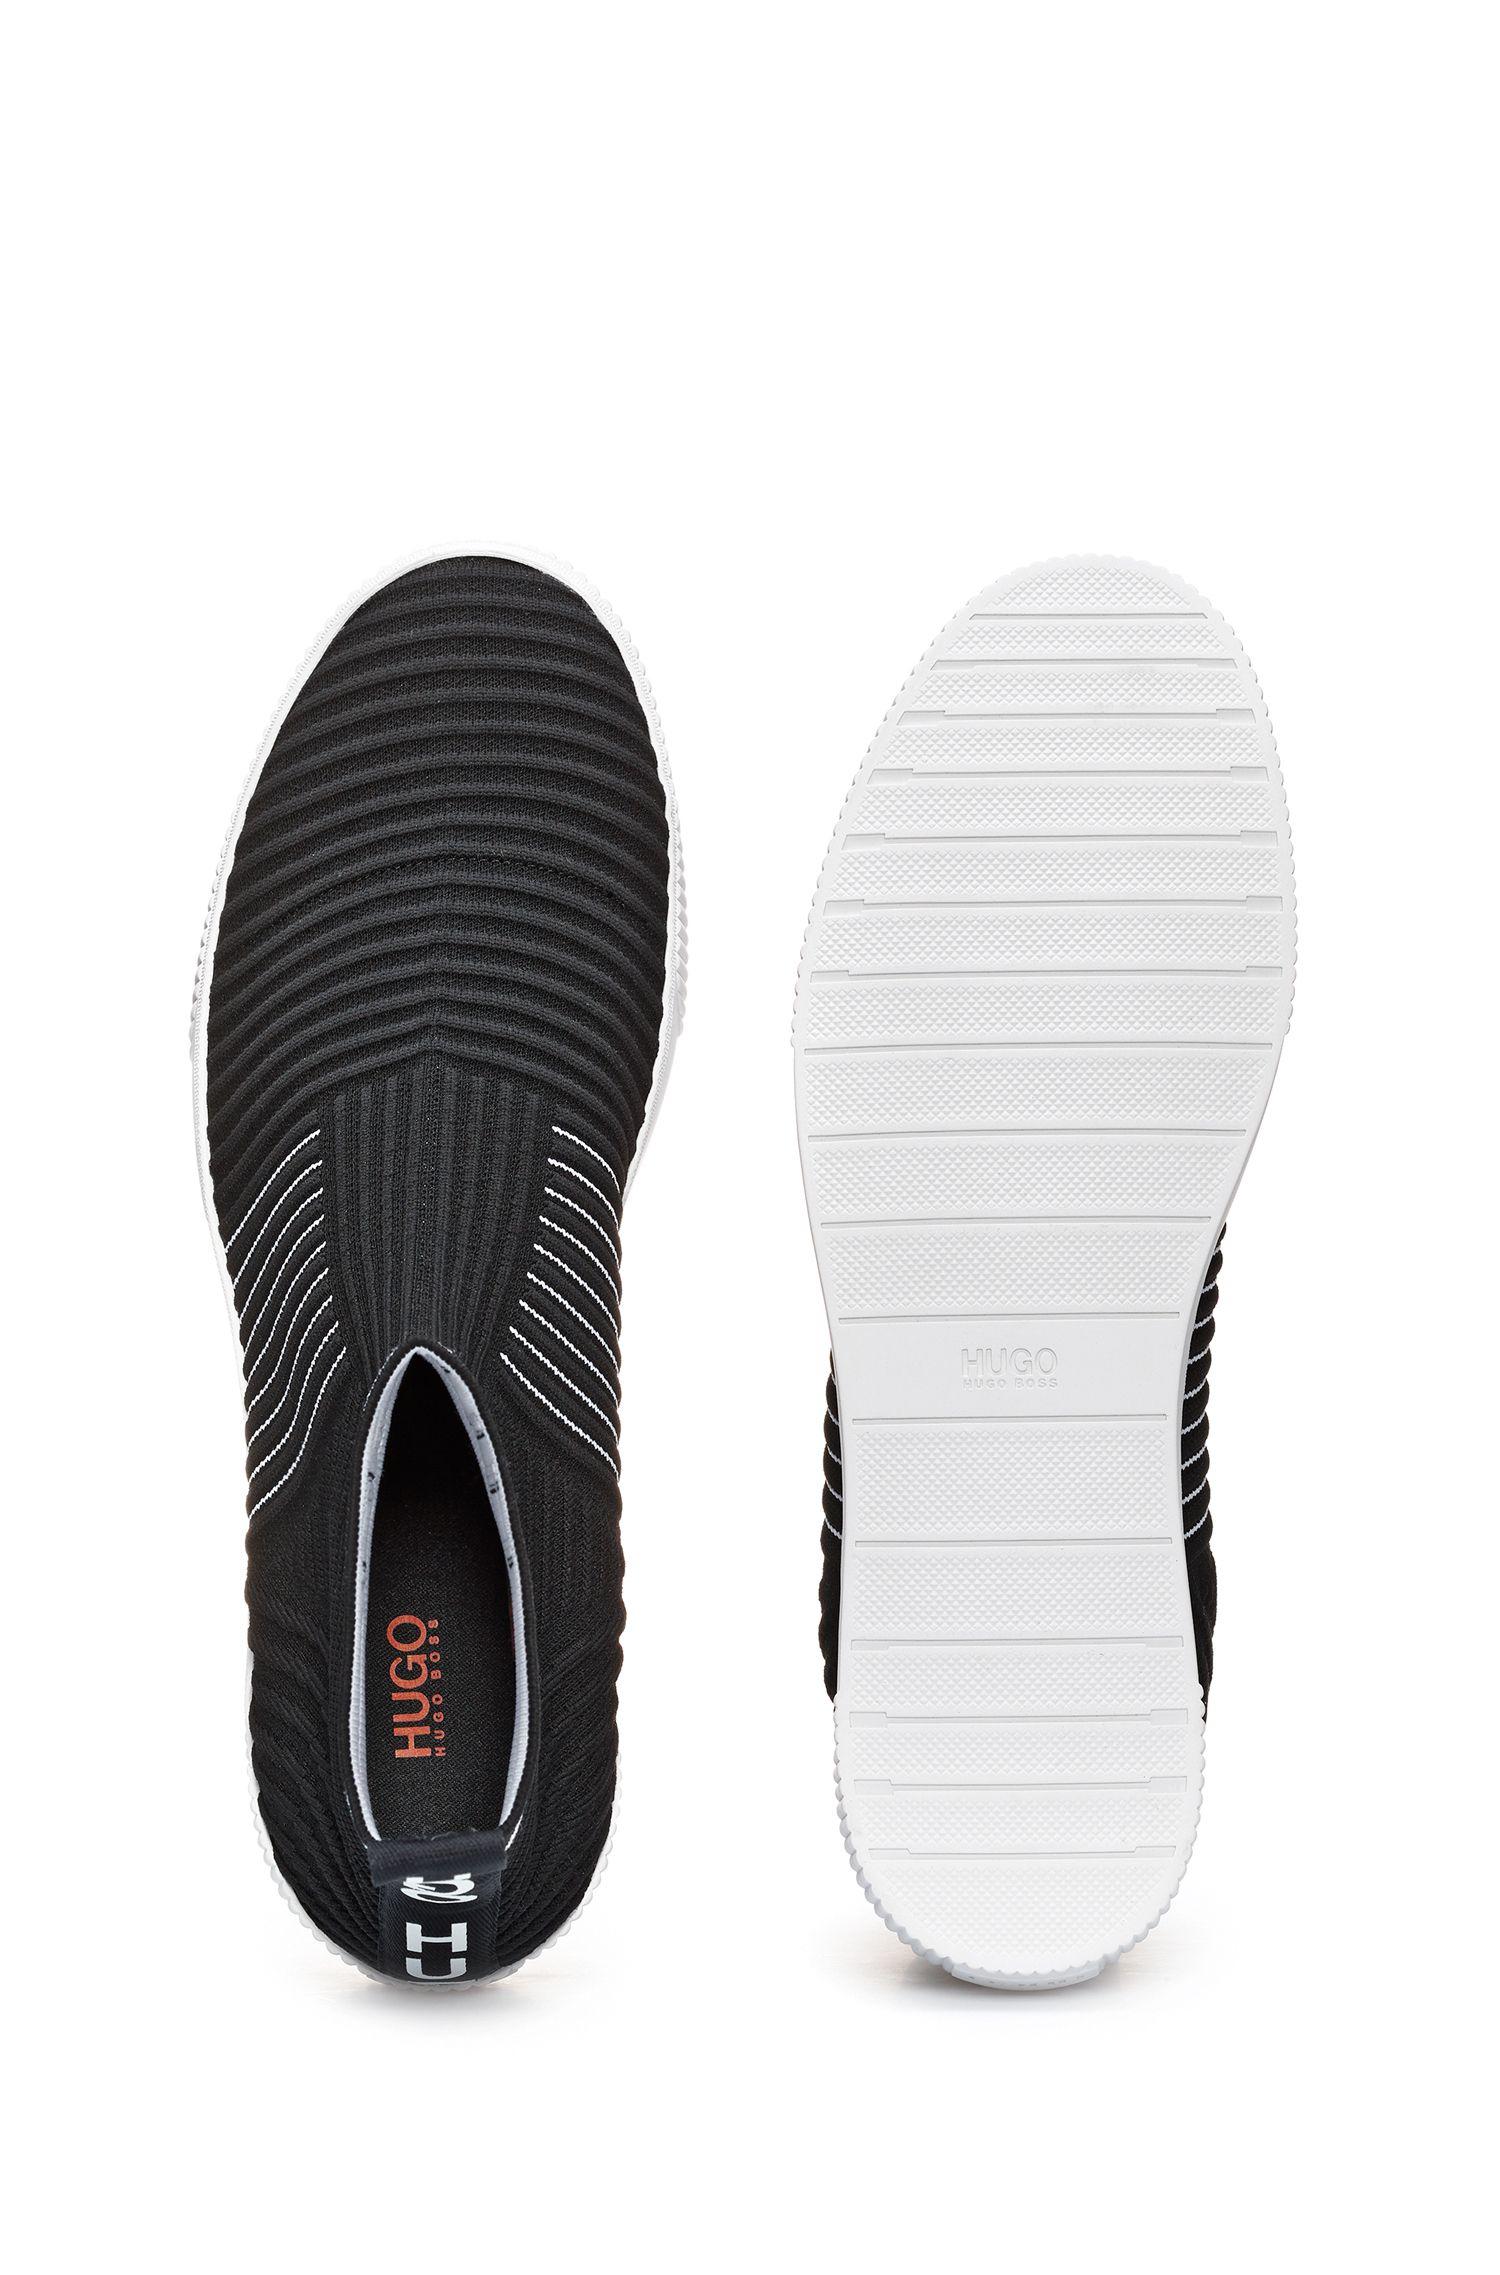 Hightop Sneakers aus geripptem Strick mit spiegelverkehrtem Logo, Schwarz